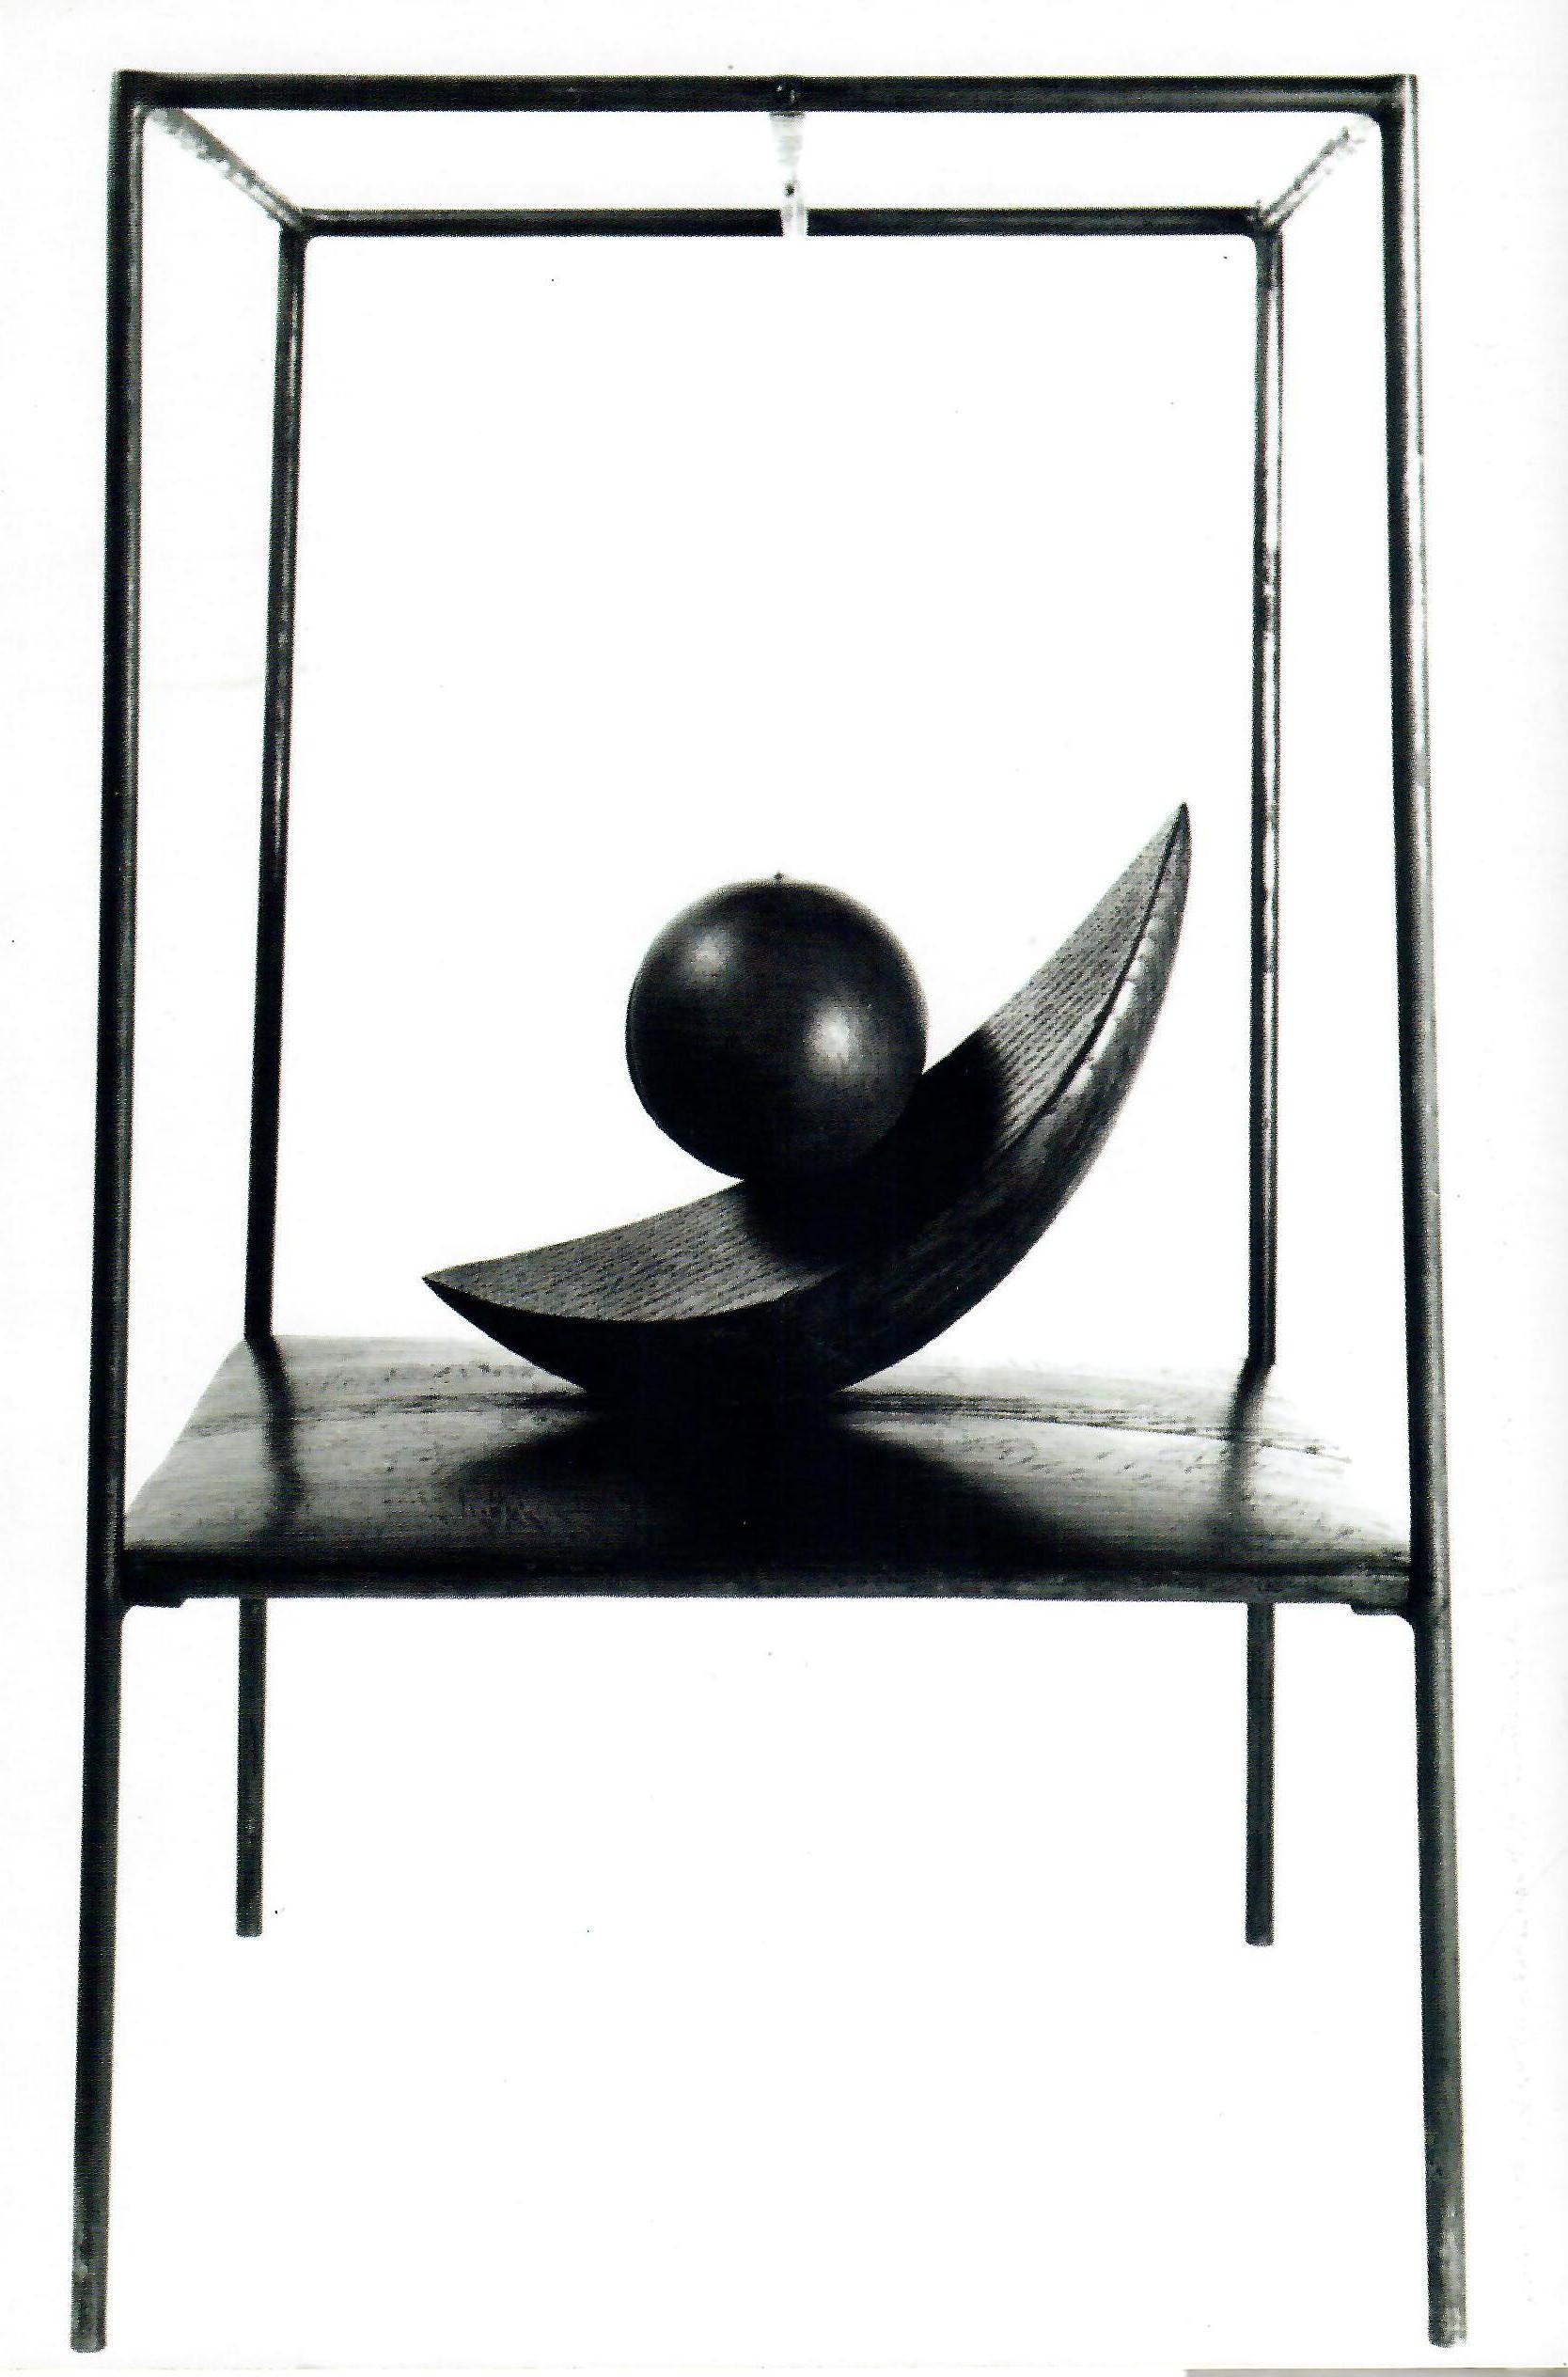 Giacometti - La boule suspendue